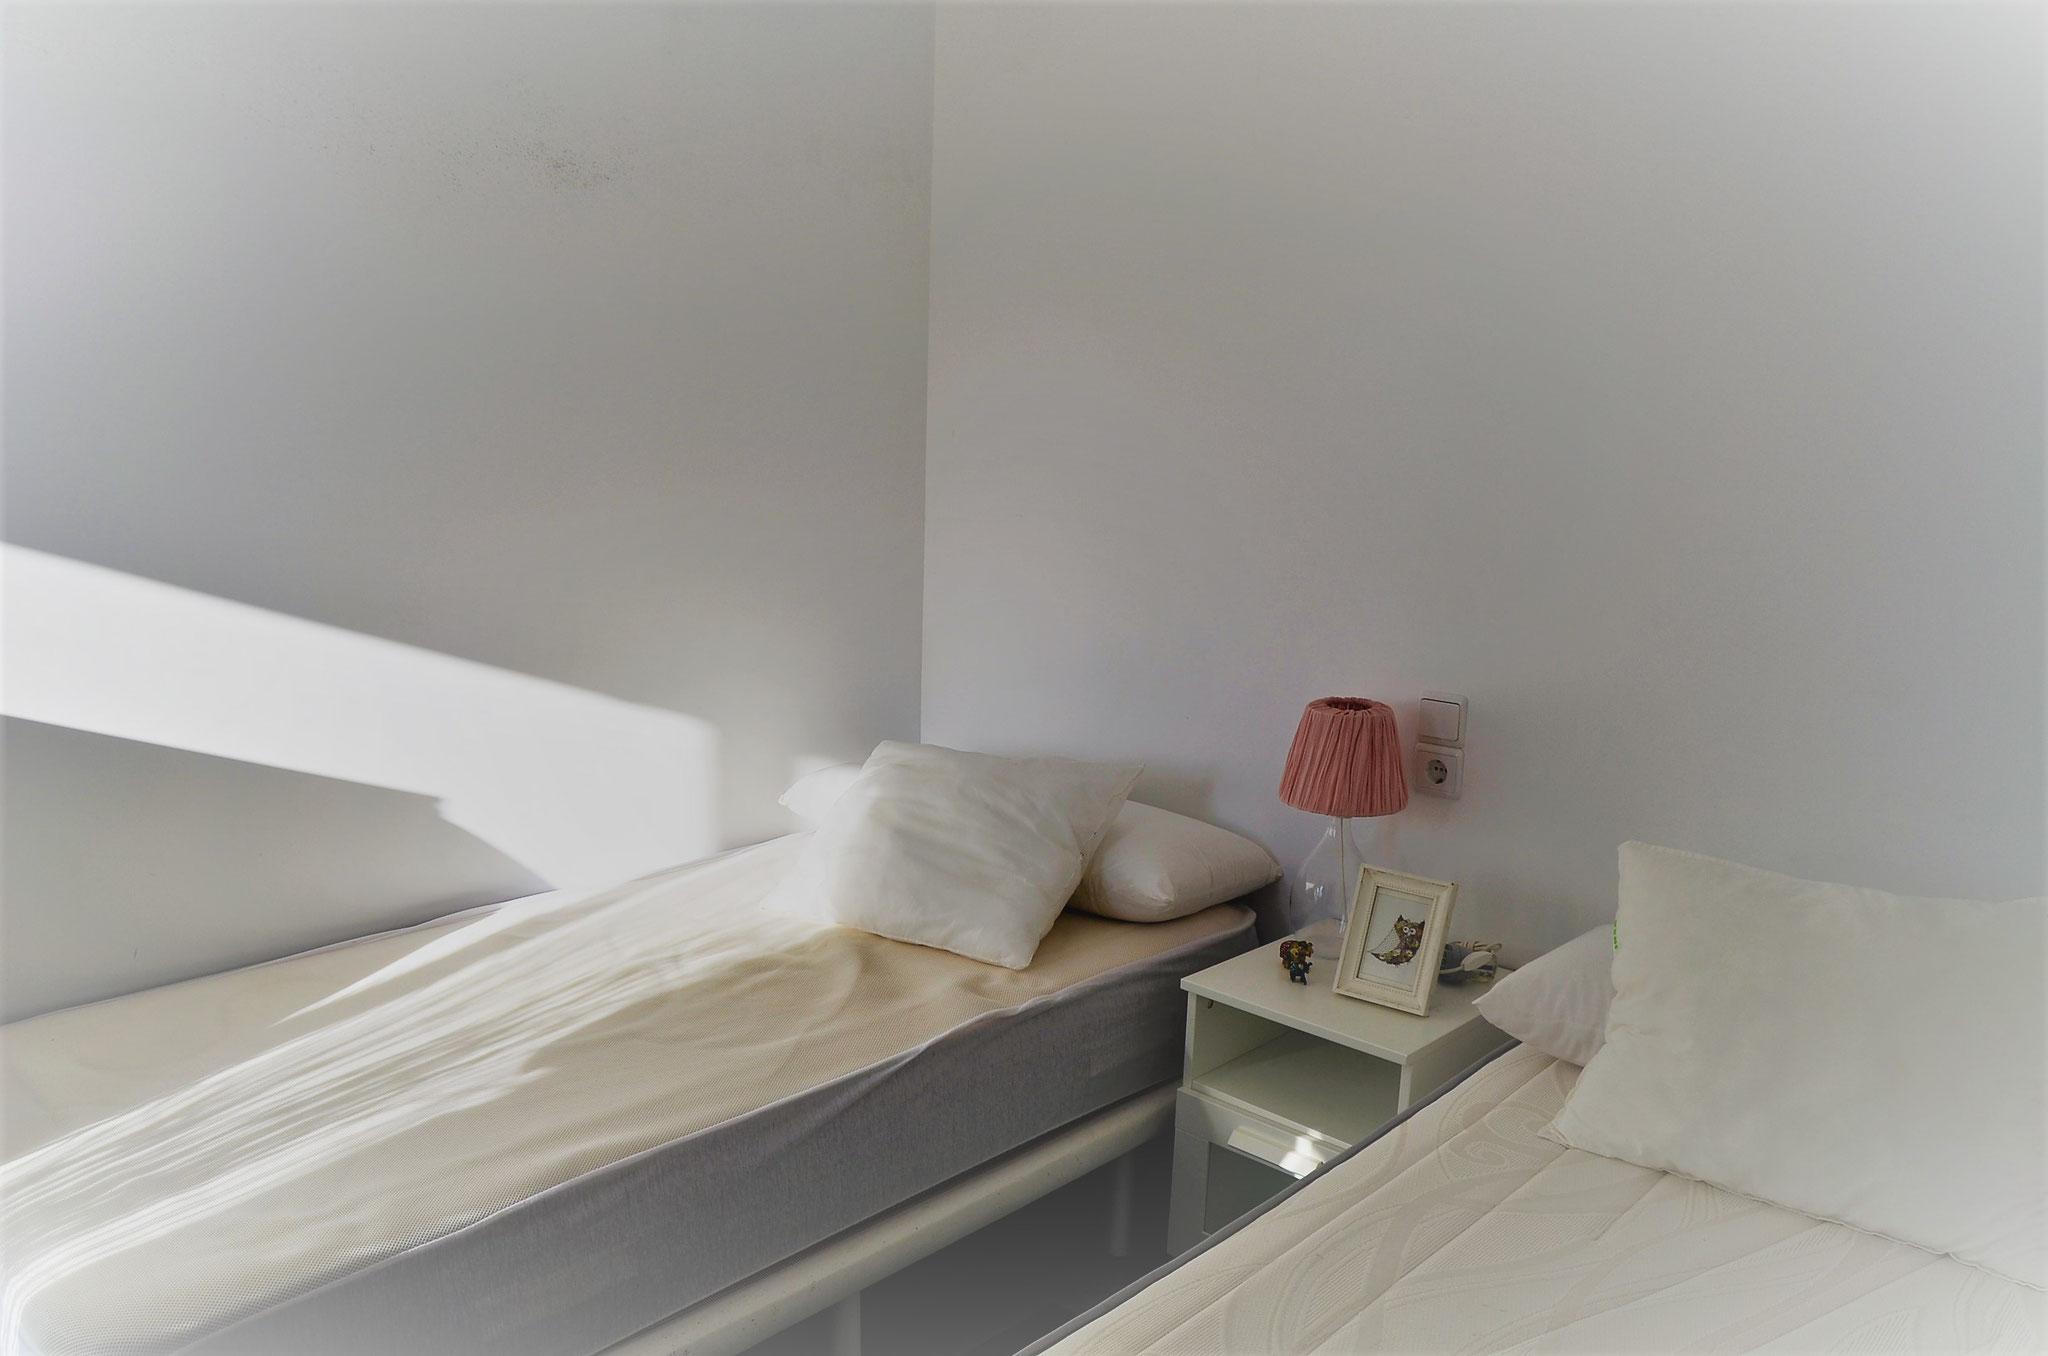 schlafzimmer 12 qm aufs tze f r kleiderschr nke tapeten gold schlafzimmer king size bettdecken. Black Bedroom Furniture Sets. Home Design Ideas